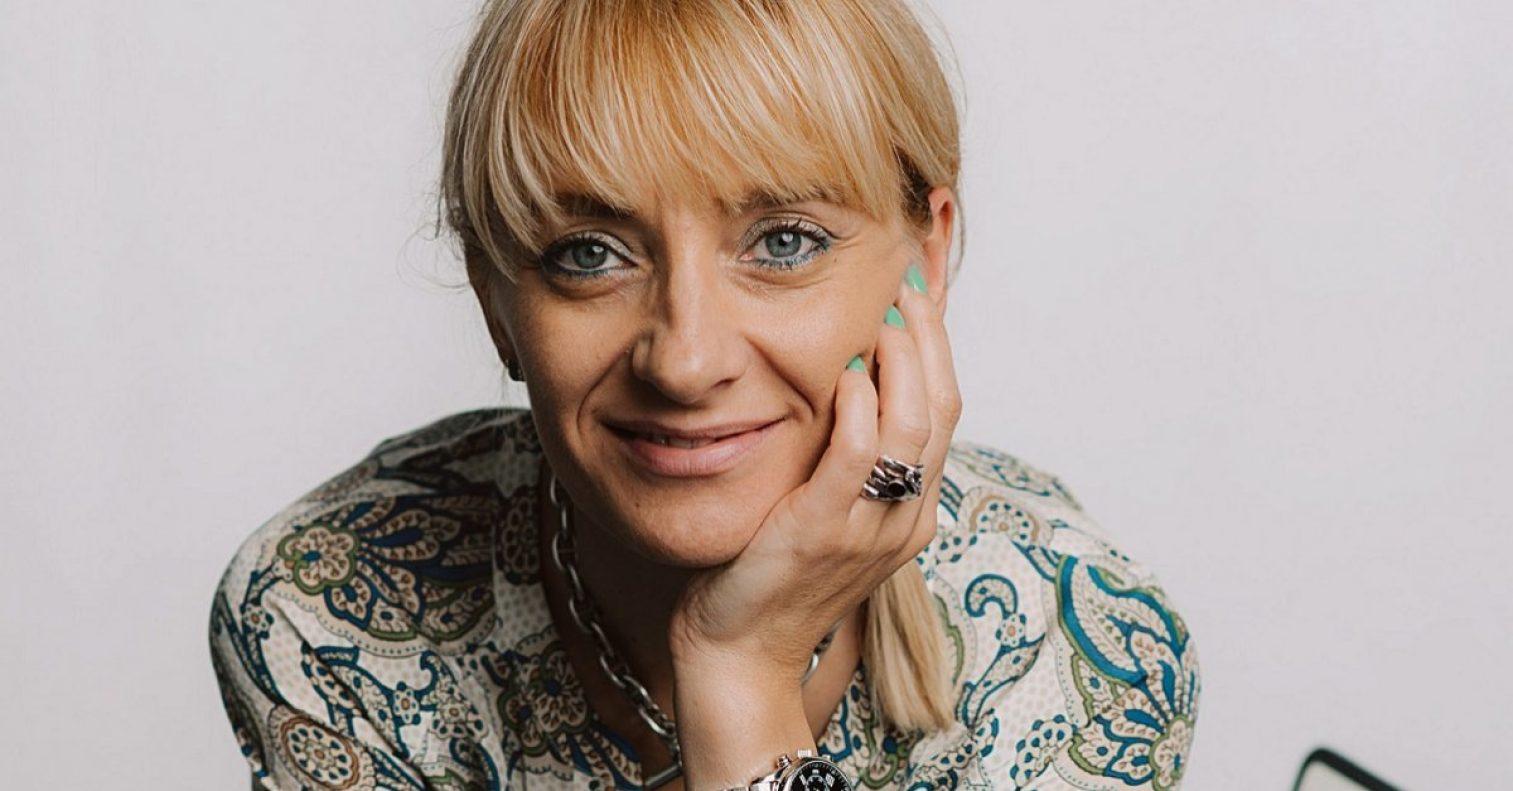 Ana Krasovschi